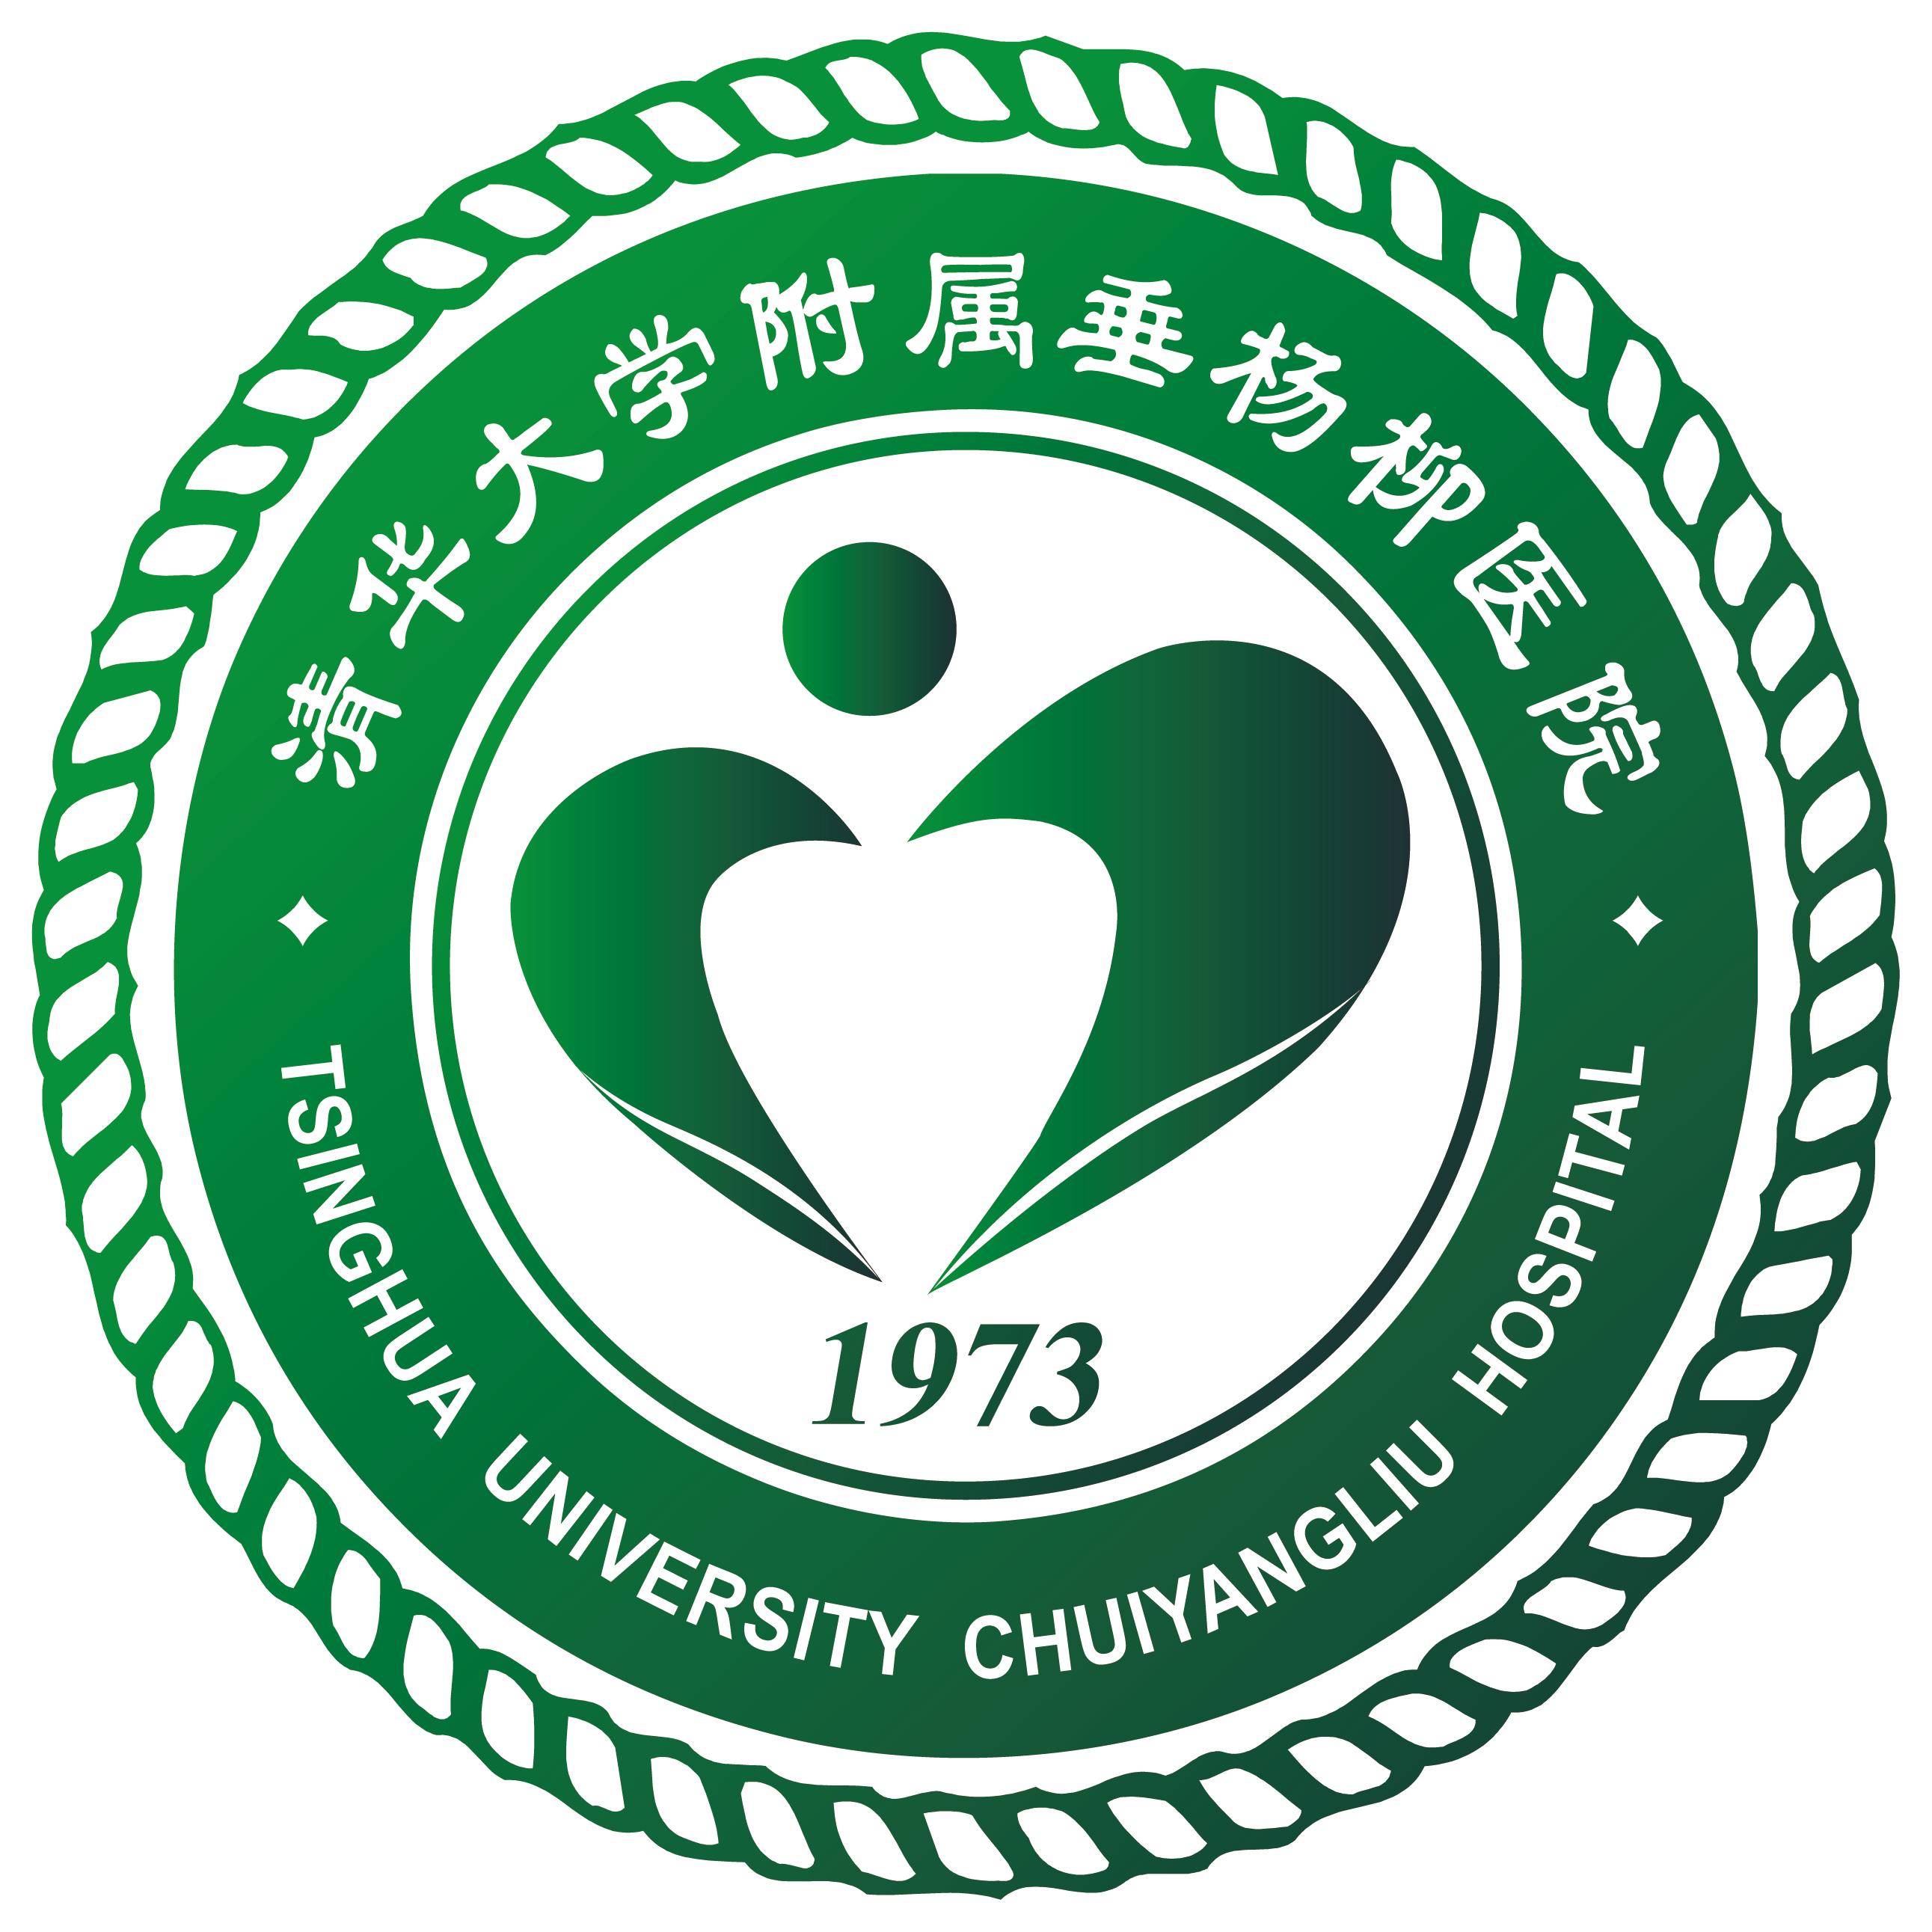 清华大学附属垂杨柳医院